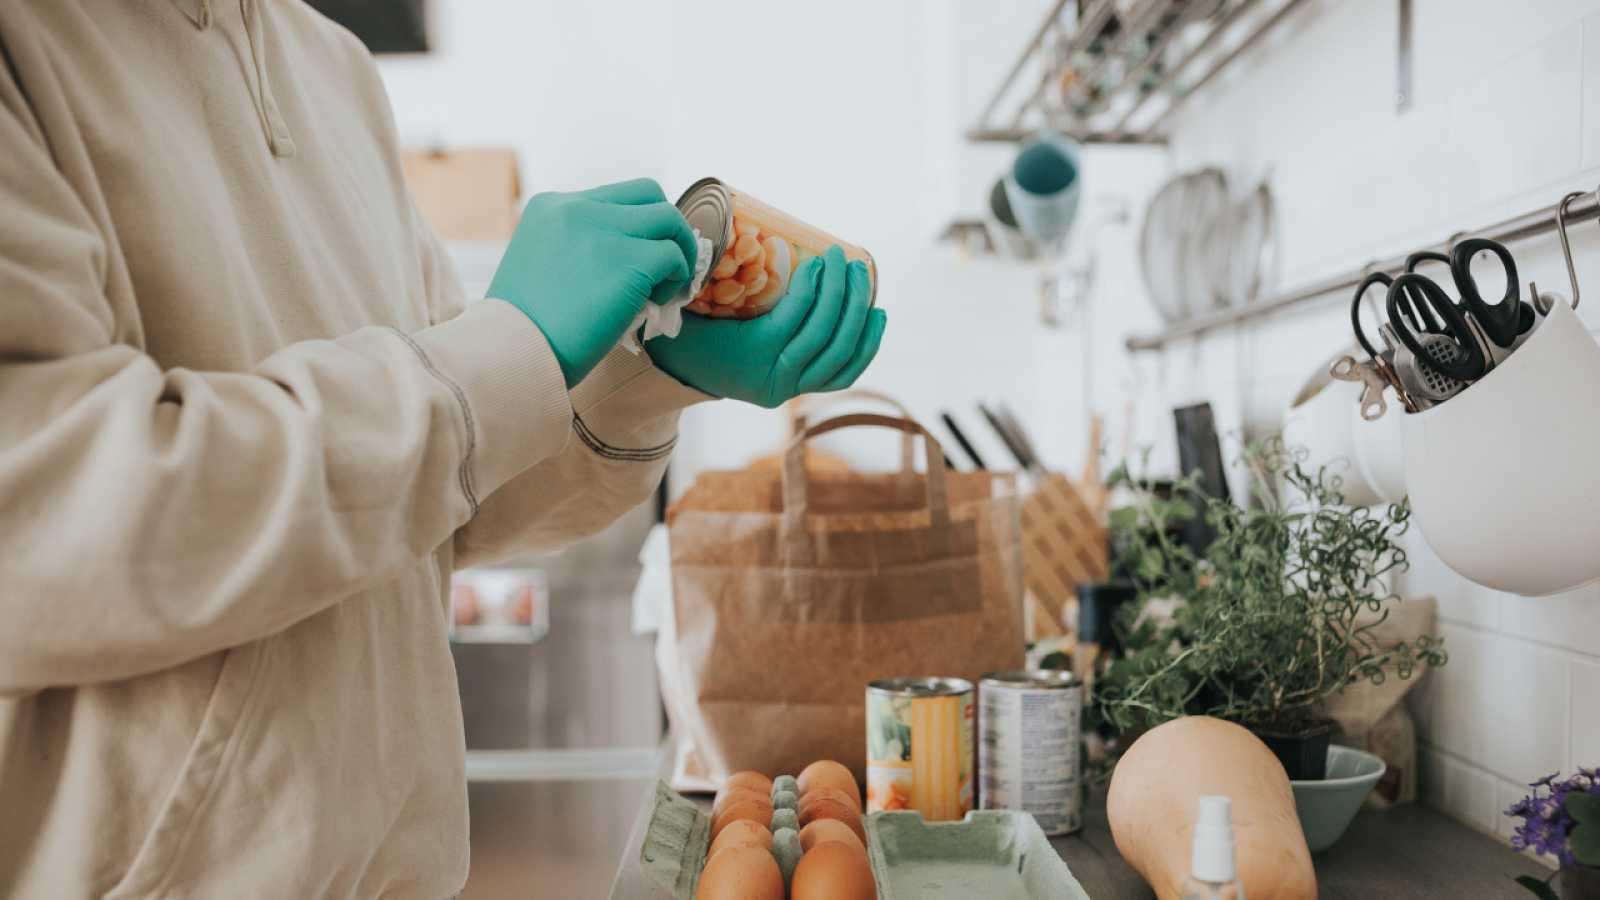 ¡Te enseñamos trucos muy fáciles para desinfectar la compra y tu casa!